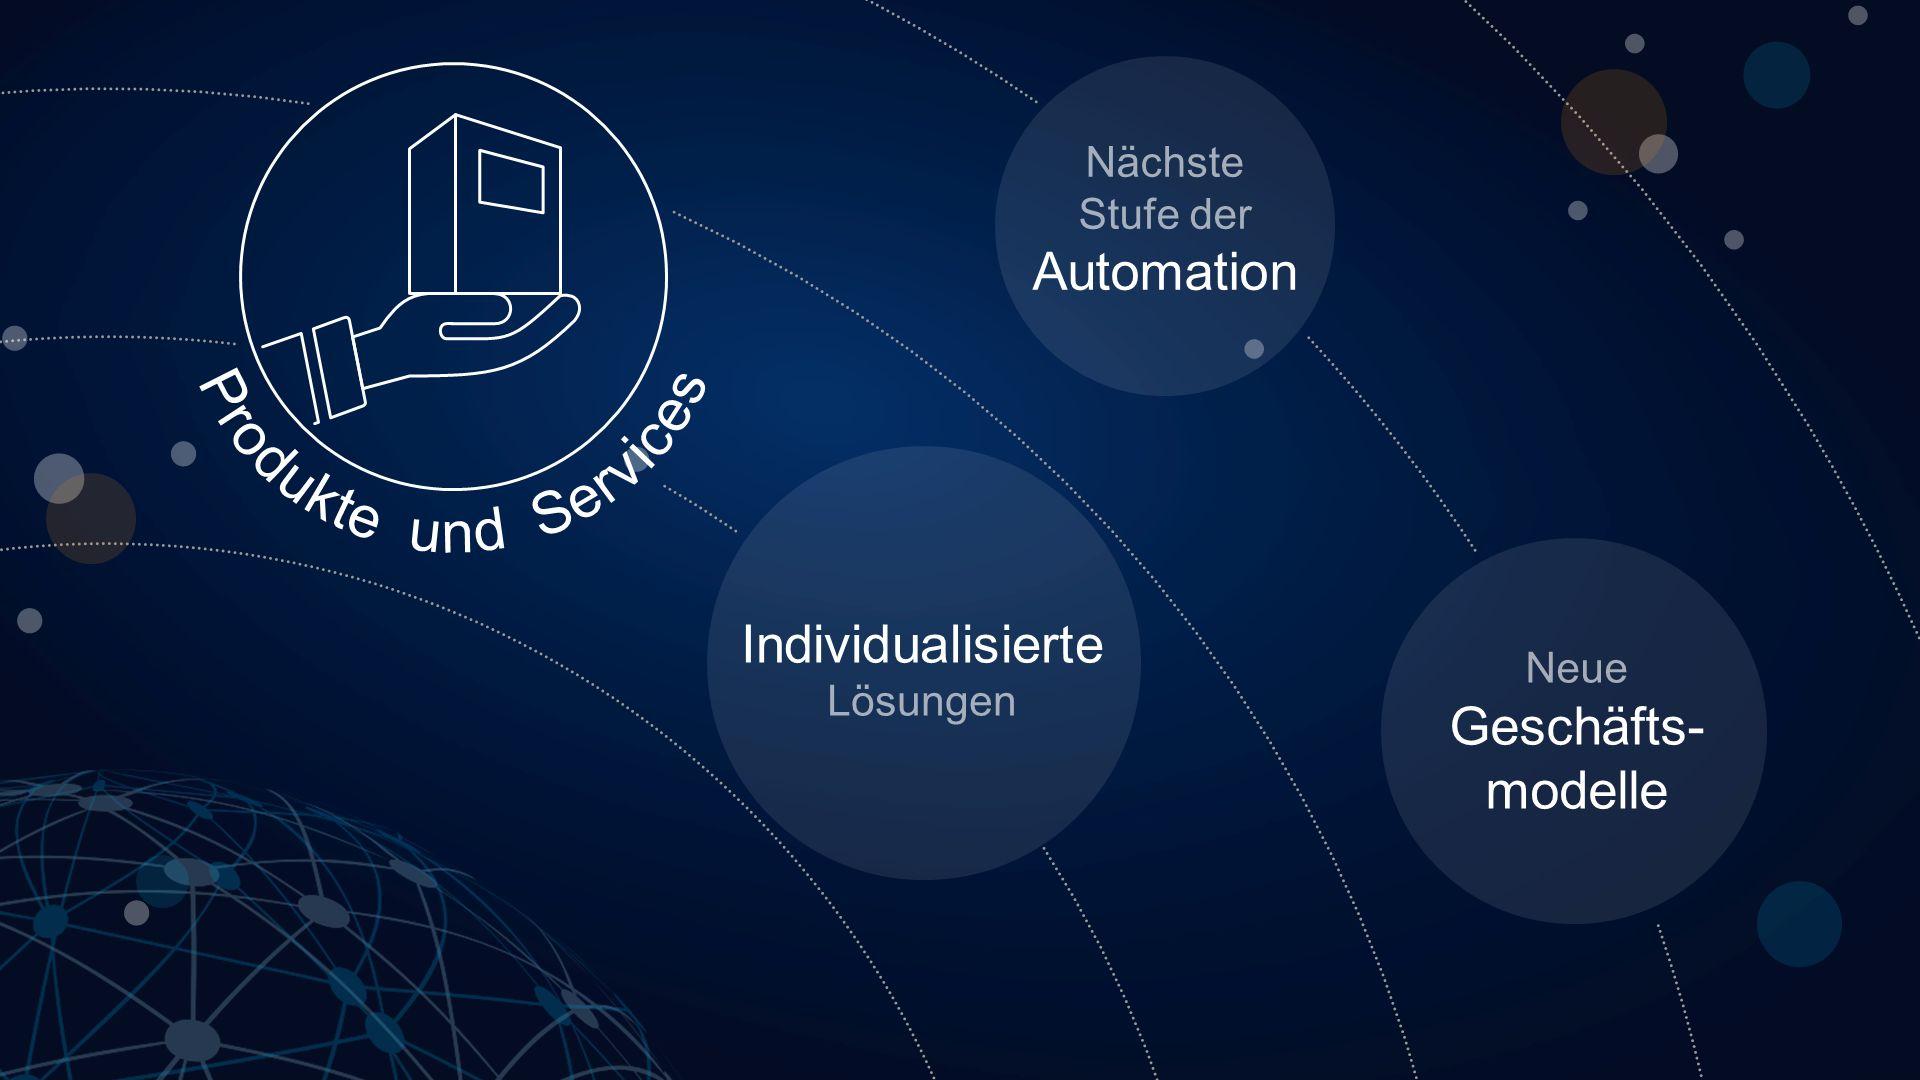 Produkte und Services Individualisierte Lösungen